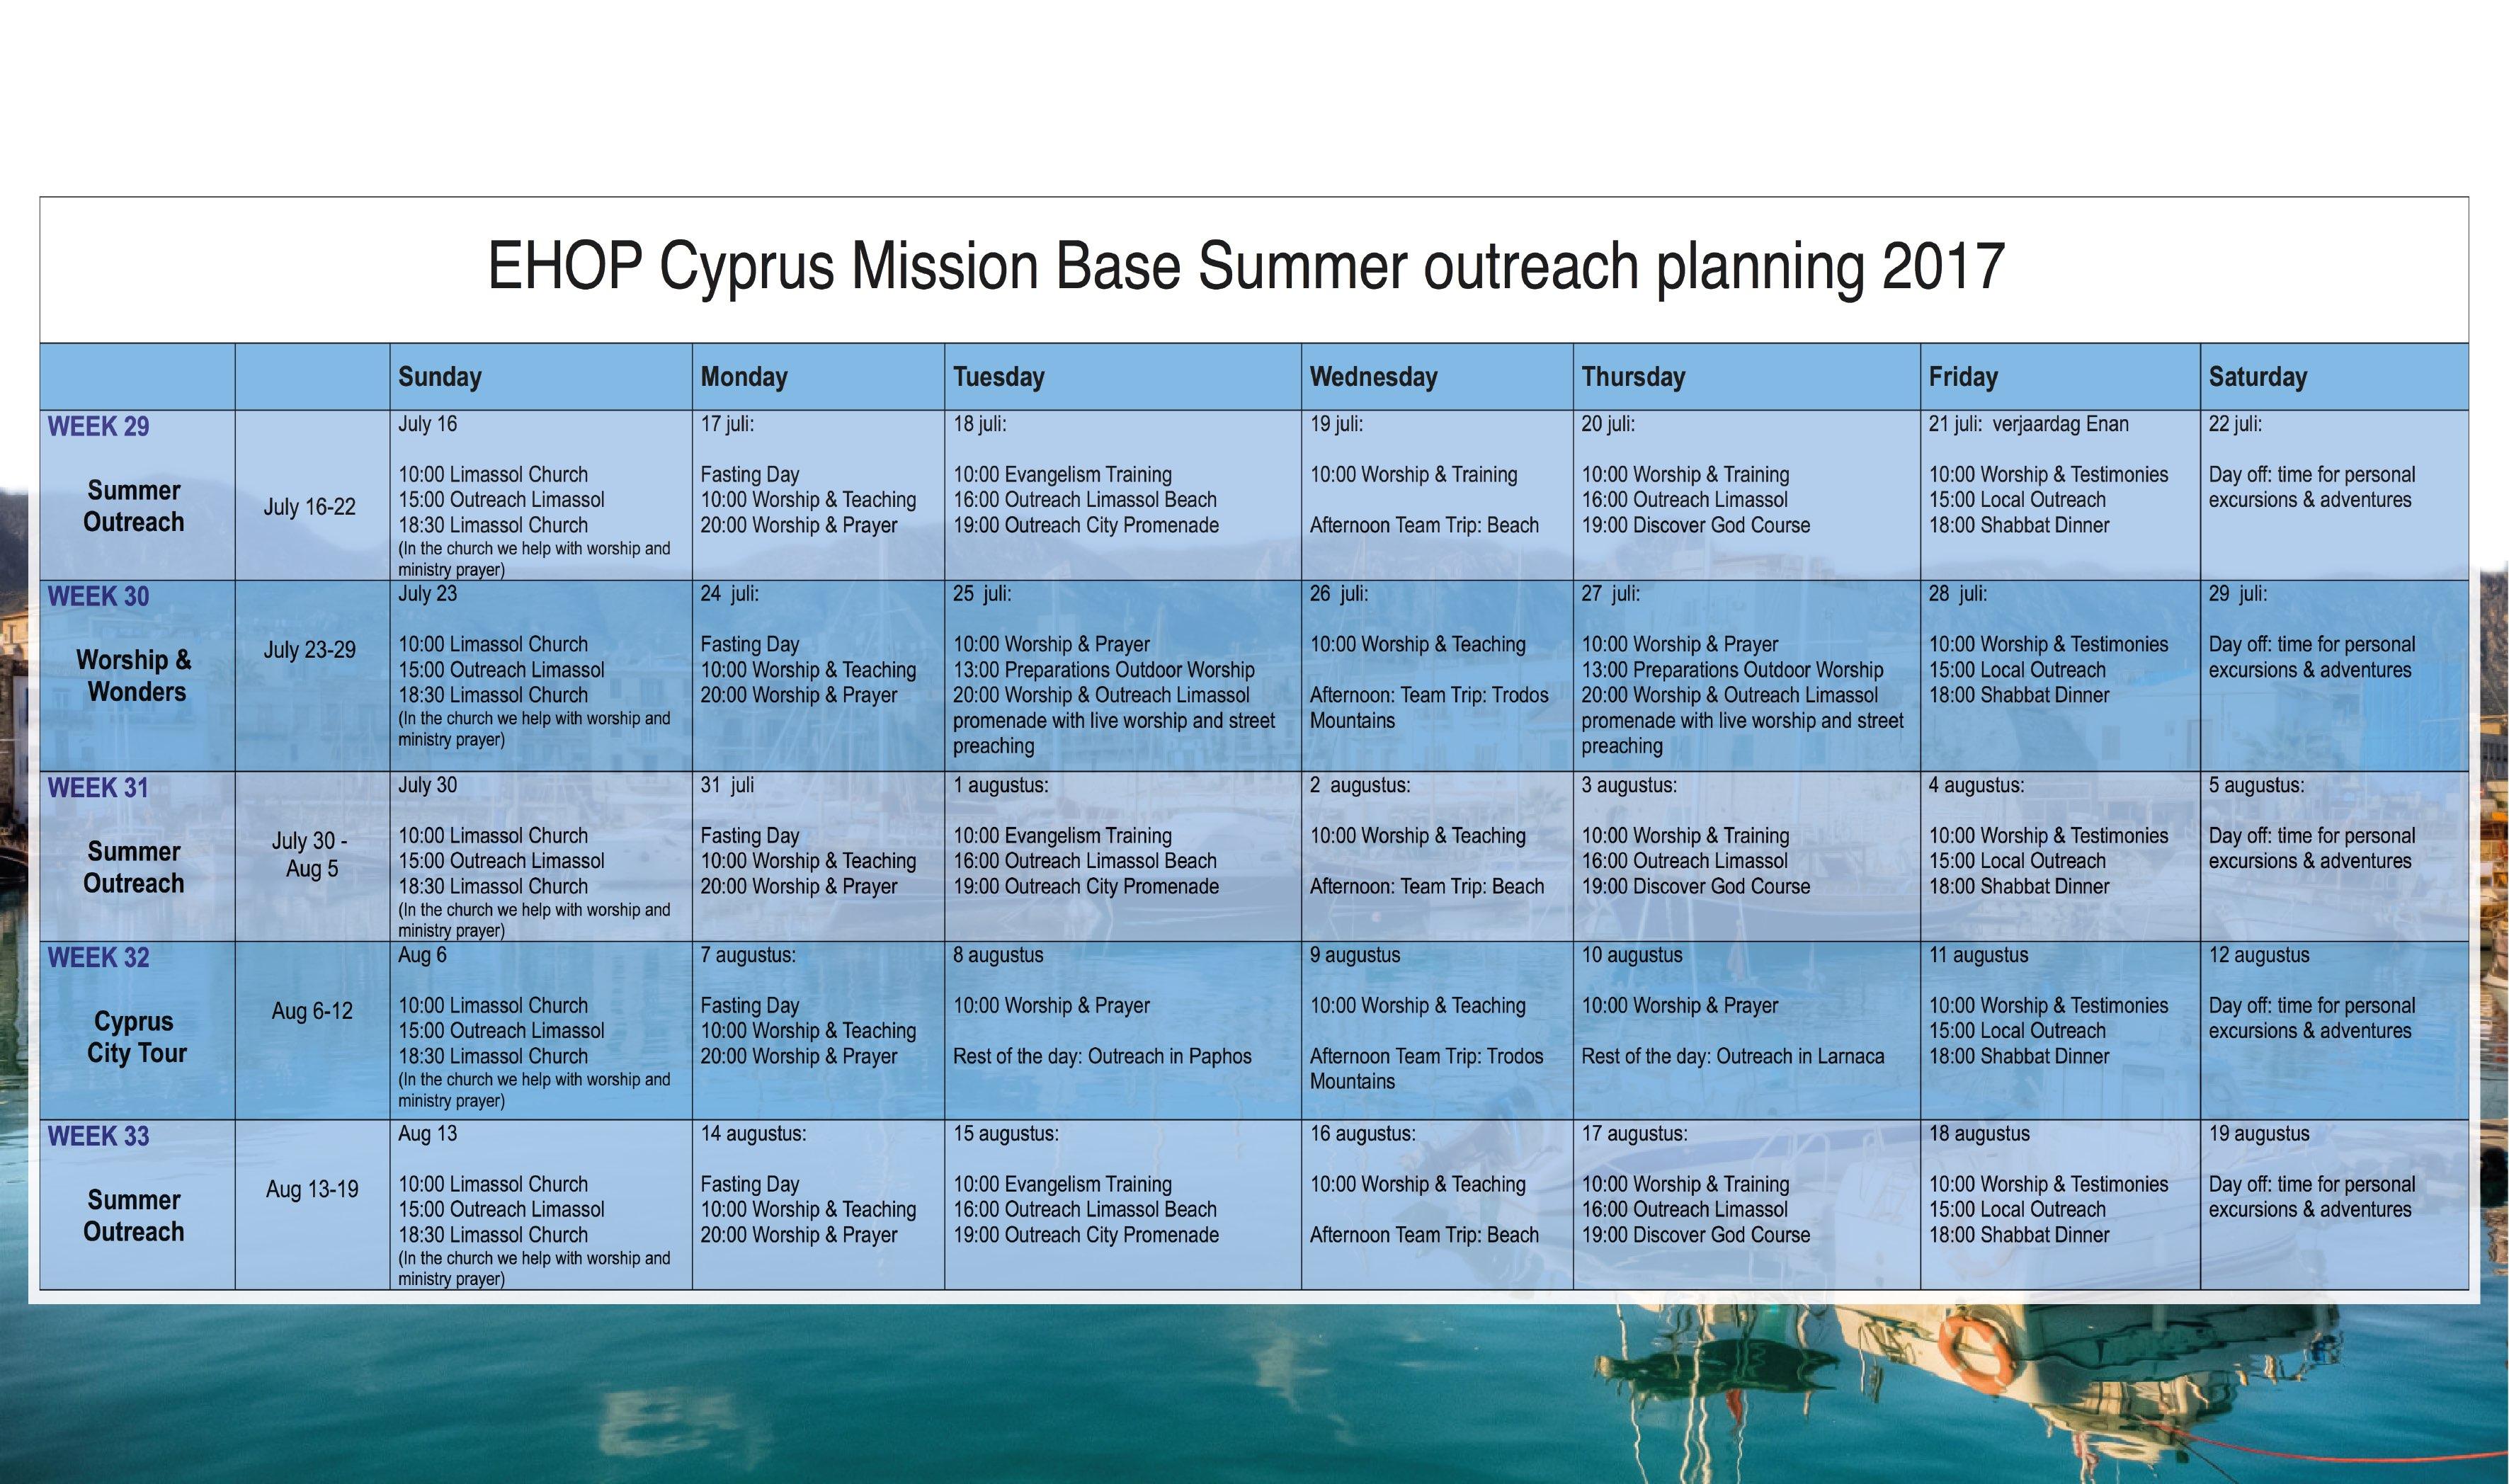 Schedule Summer Outreach Cyprus